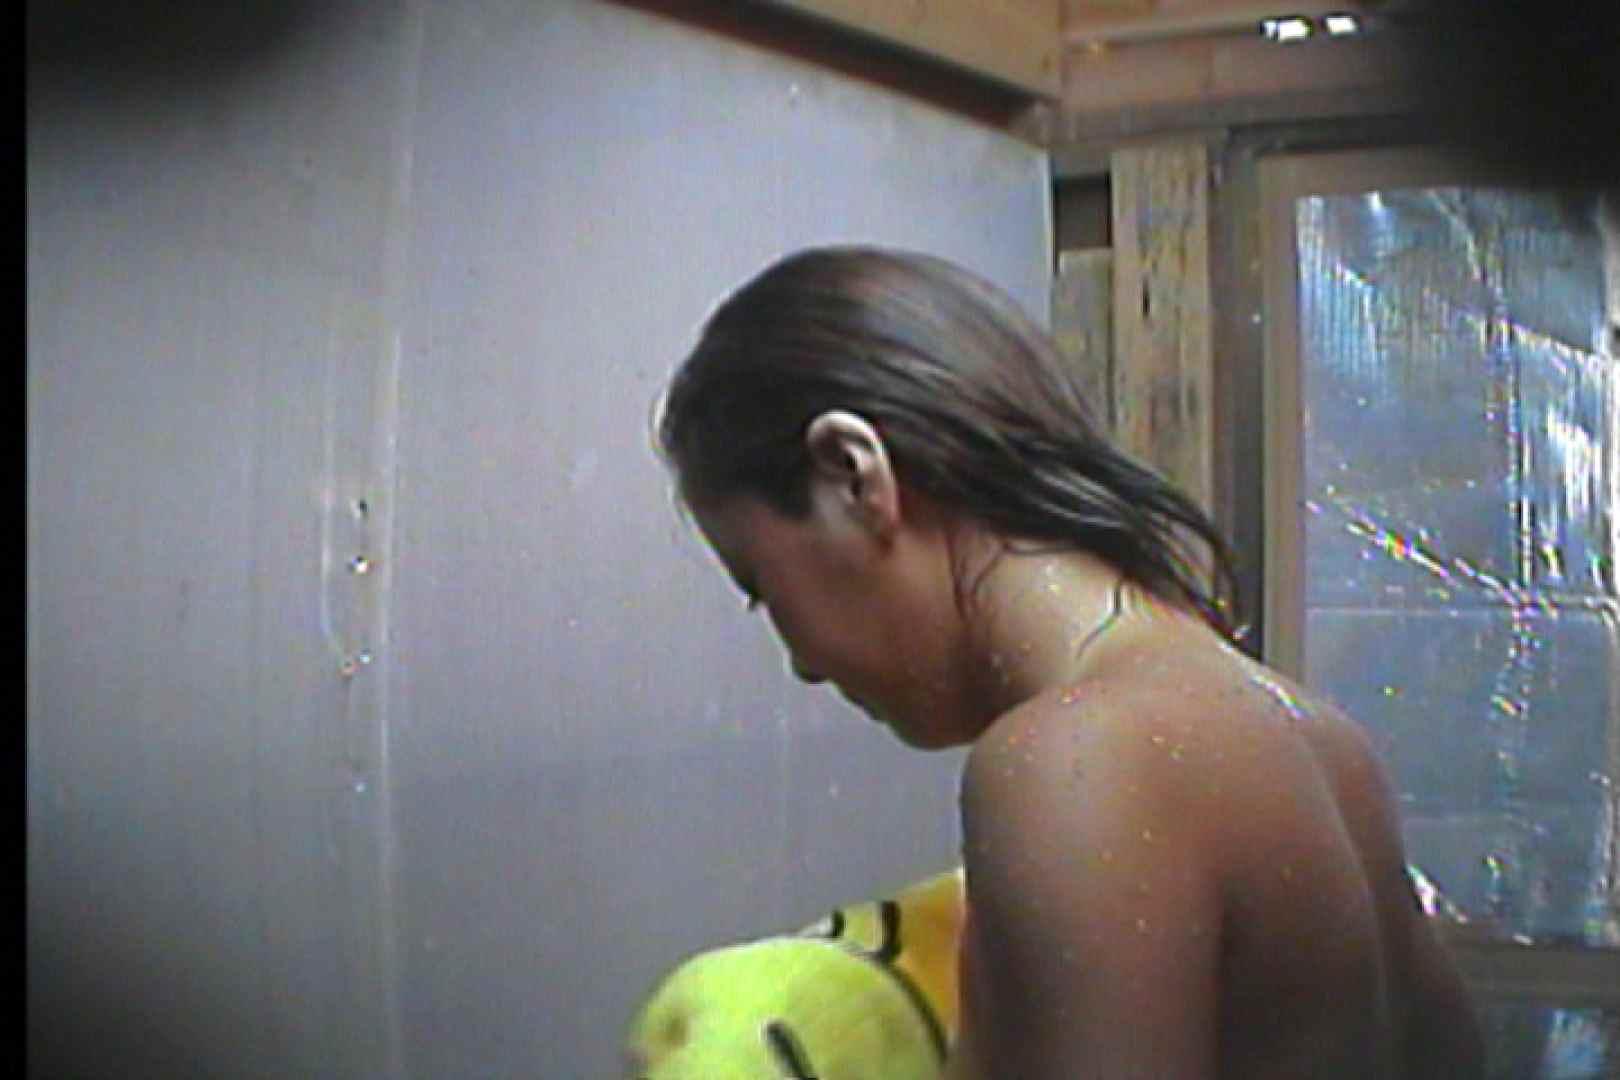 海の家の更衣室 Vol.18 OLの実態 | 美女  27pic 16